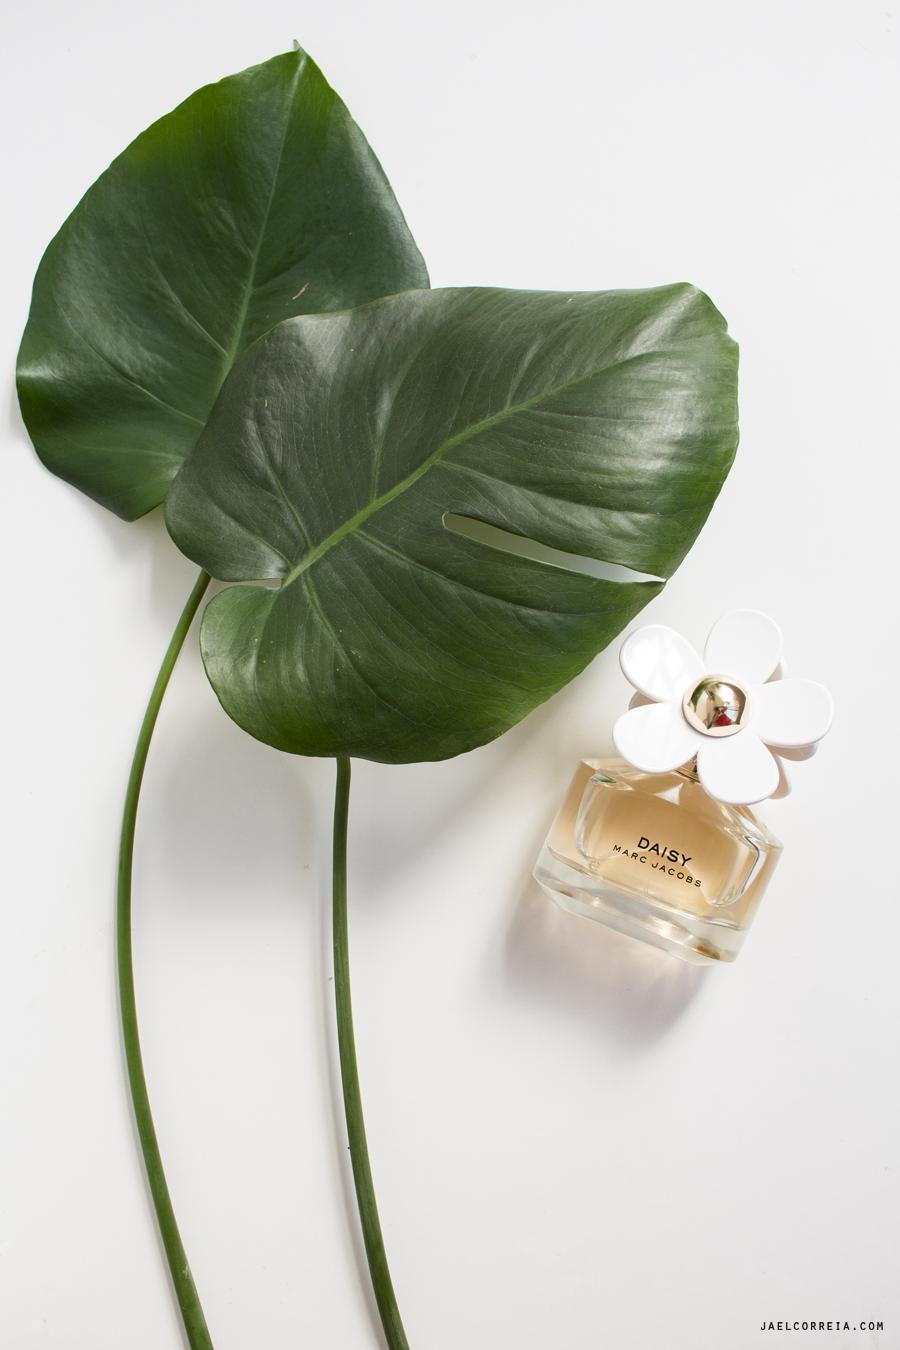 marc jacobs daisy parfum perfume eau notino loja online store shop perfumes baratos portugal